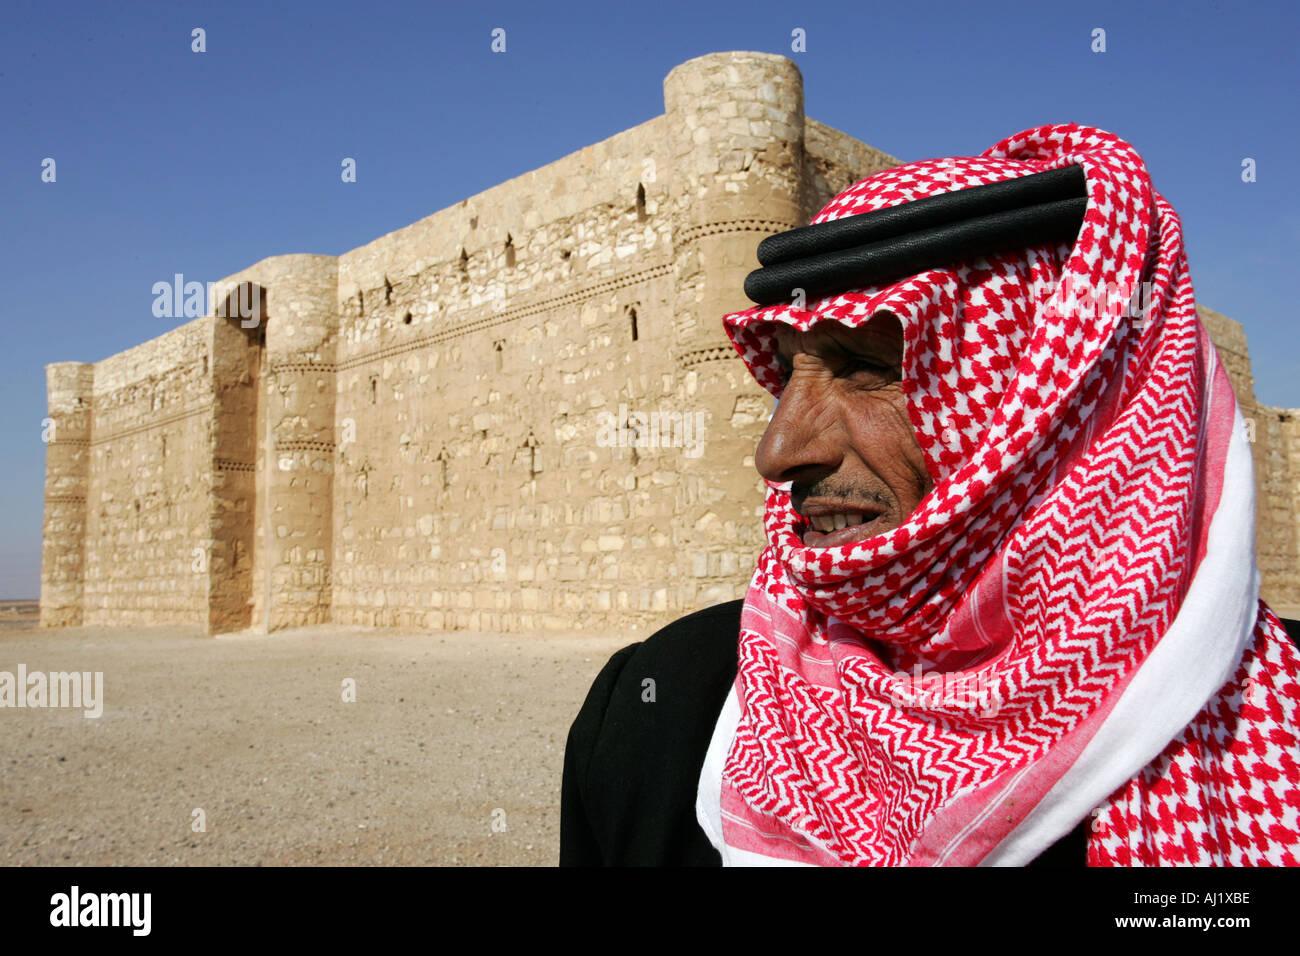 L'homme garde du désert château Qasr al Kharana caravansery en Jordanie à partir de 710 aC à desert road 40 Photo Stock